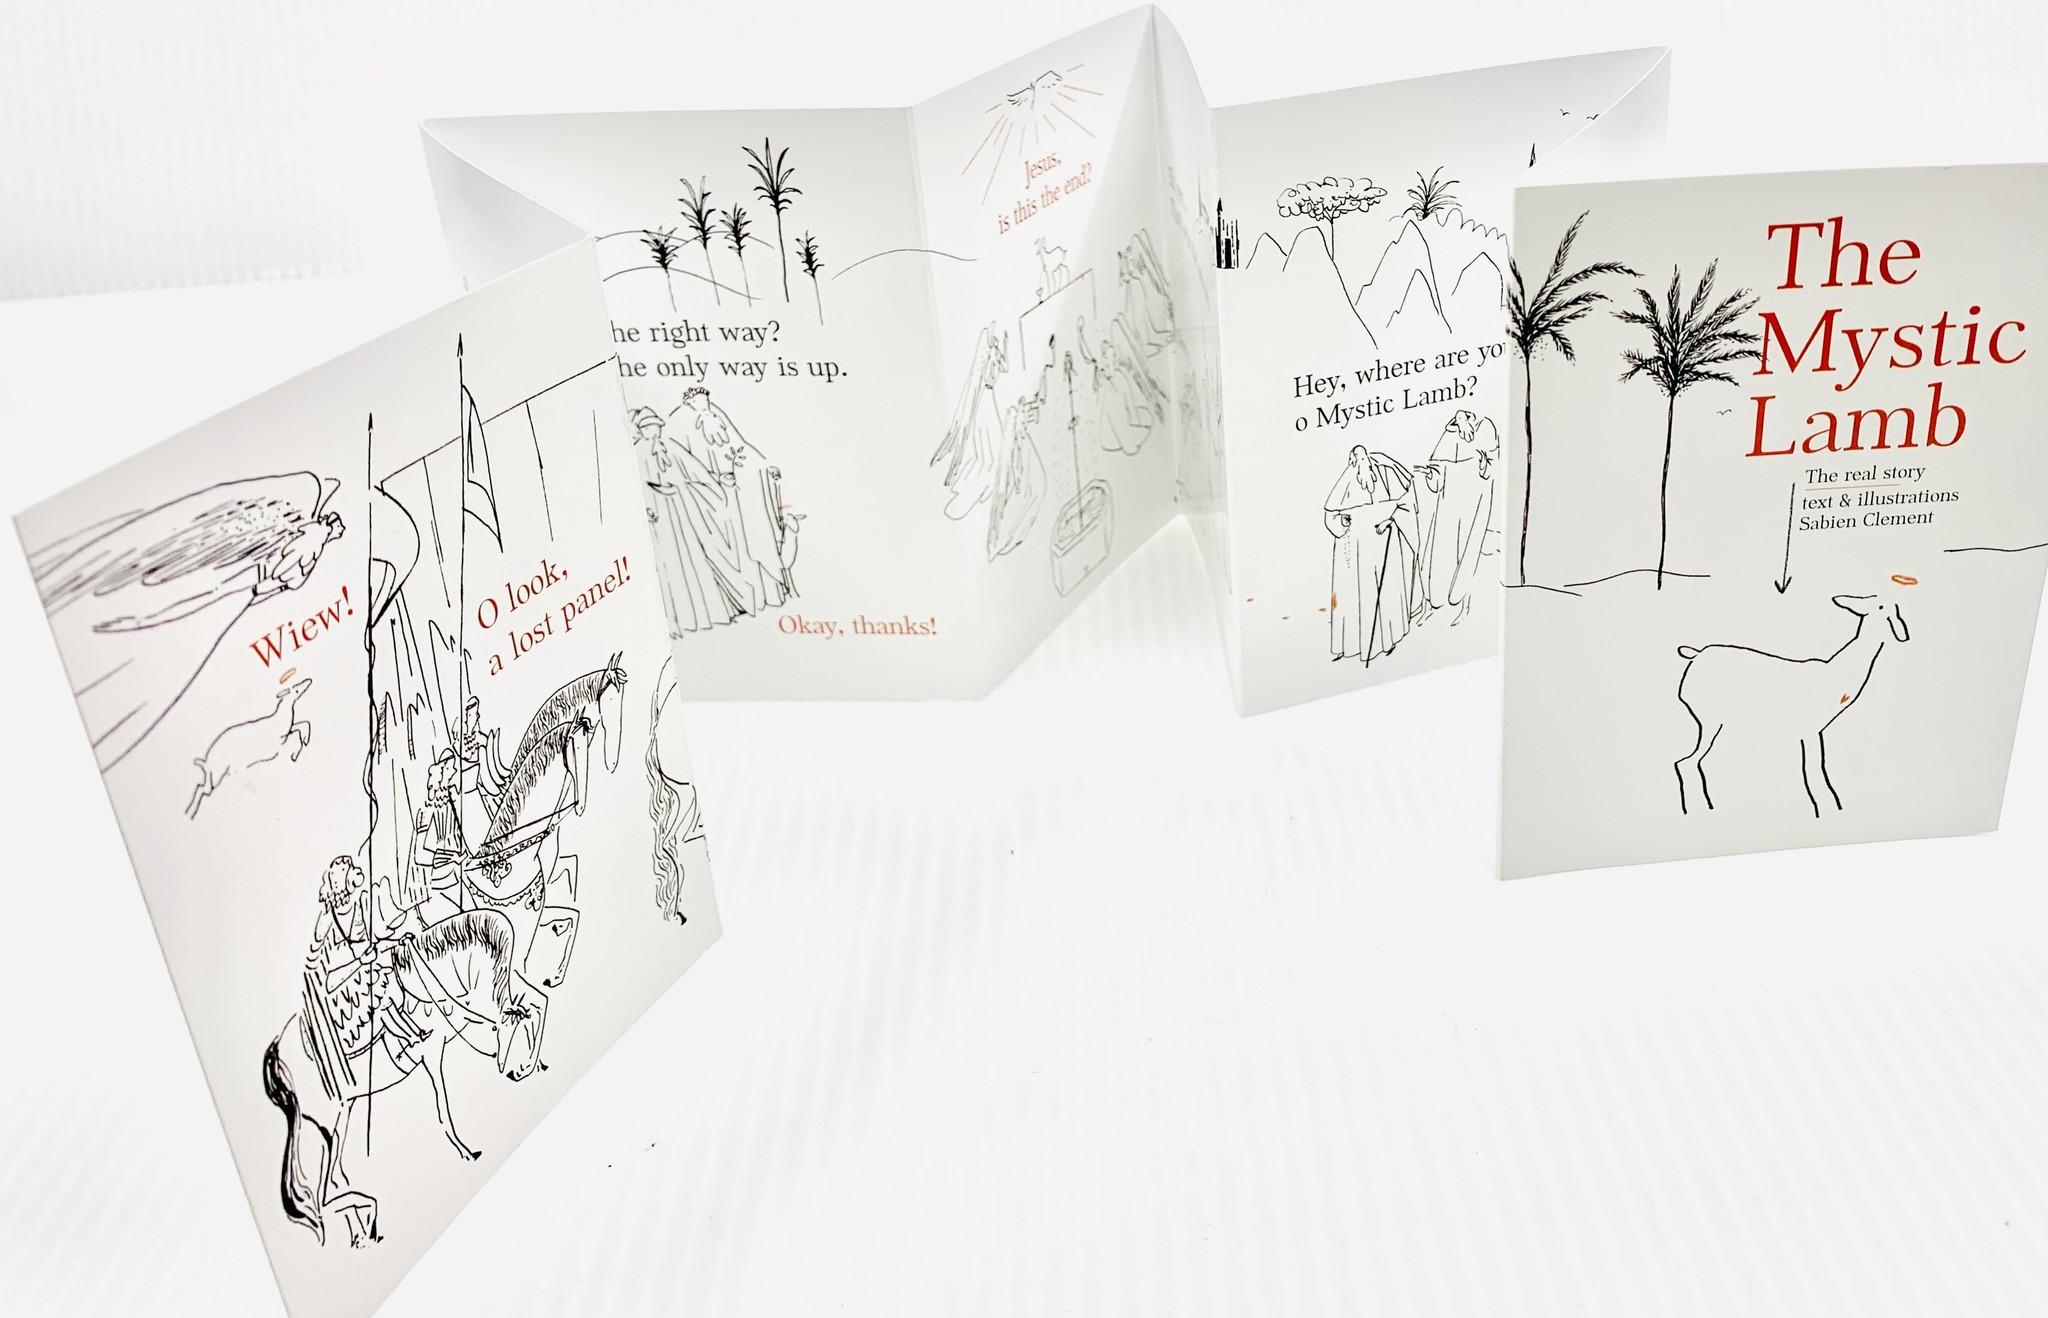 Sabien Clement Accordion booklet - Sabien Clement